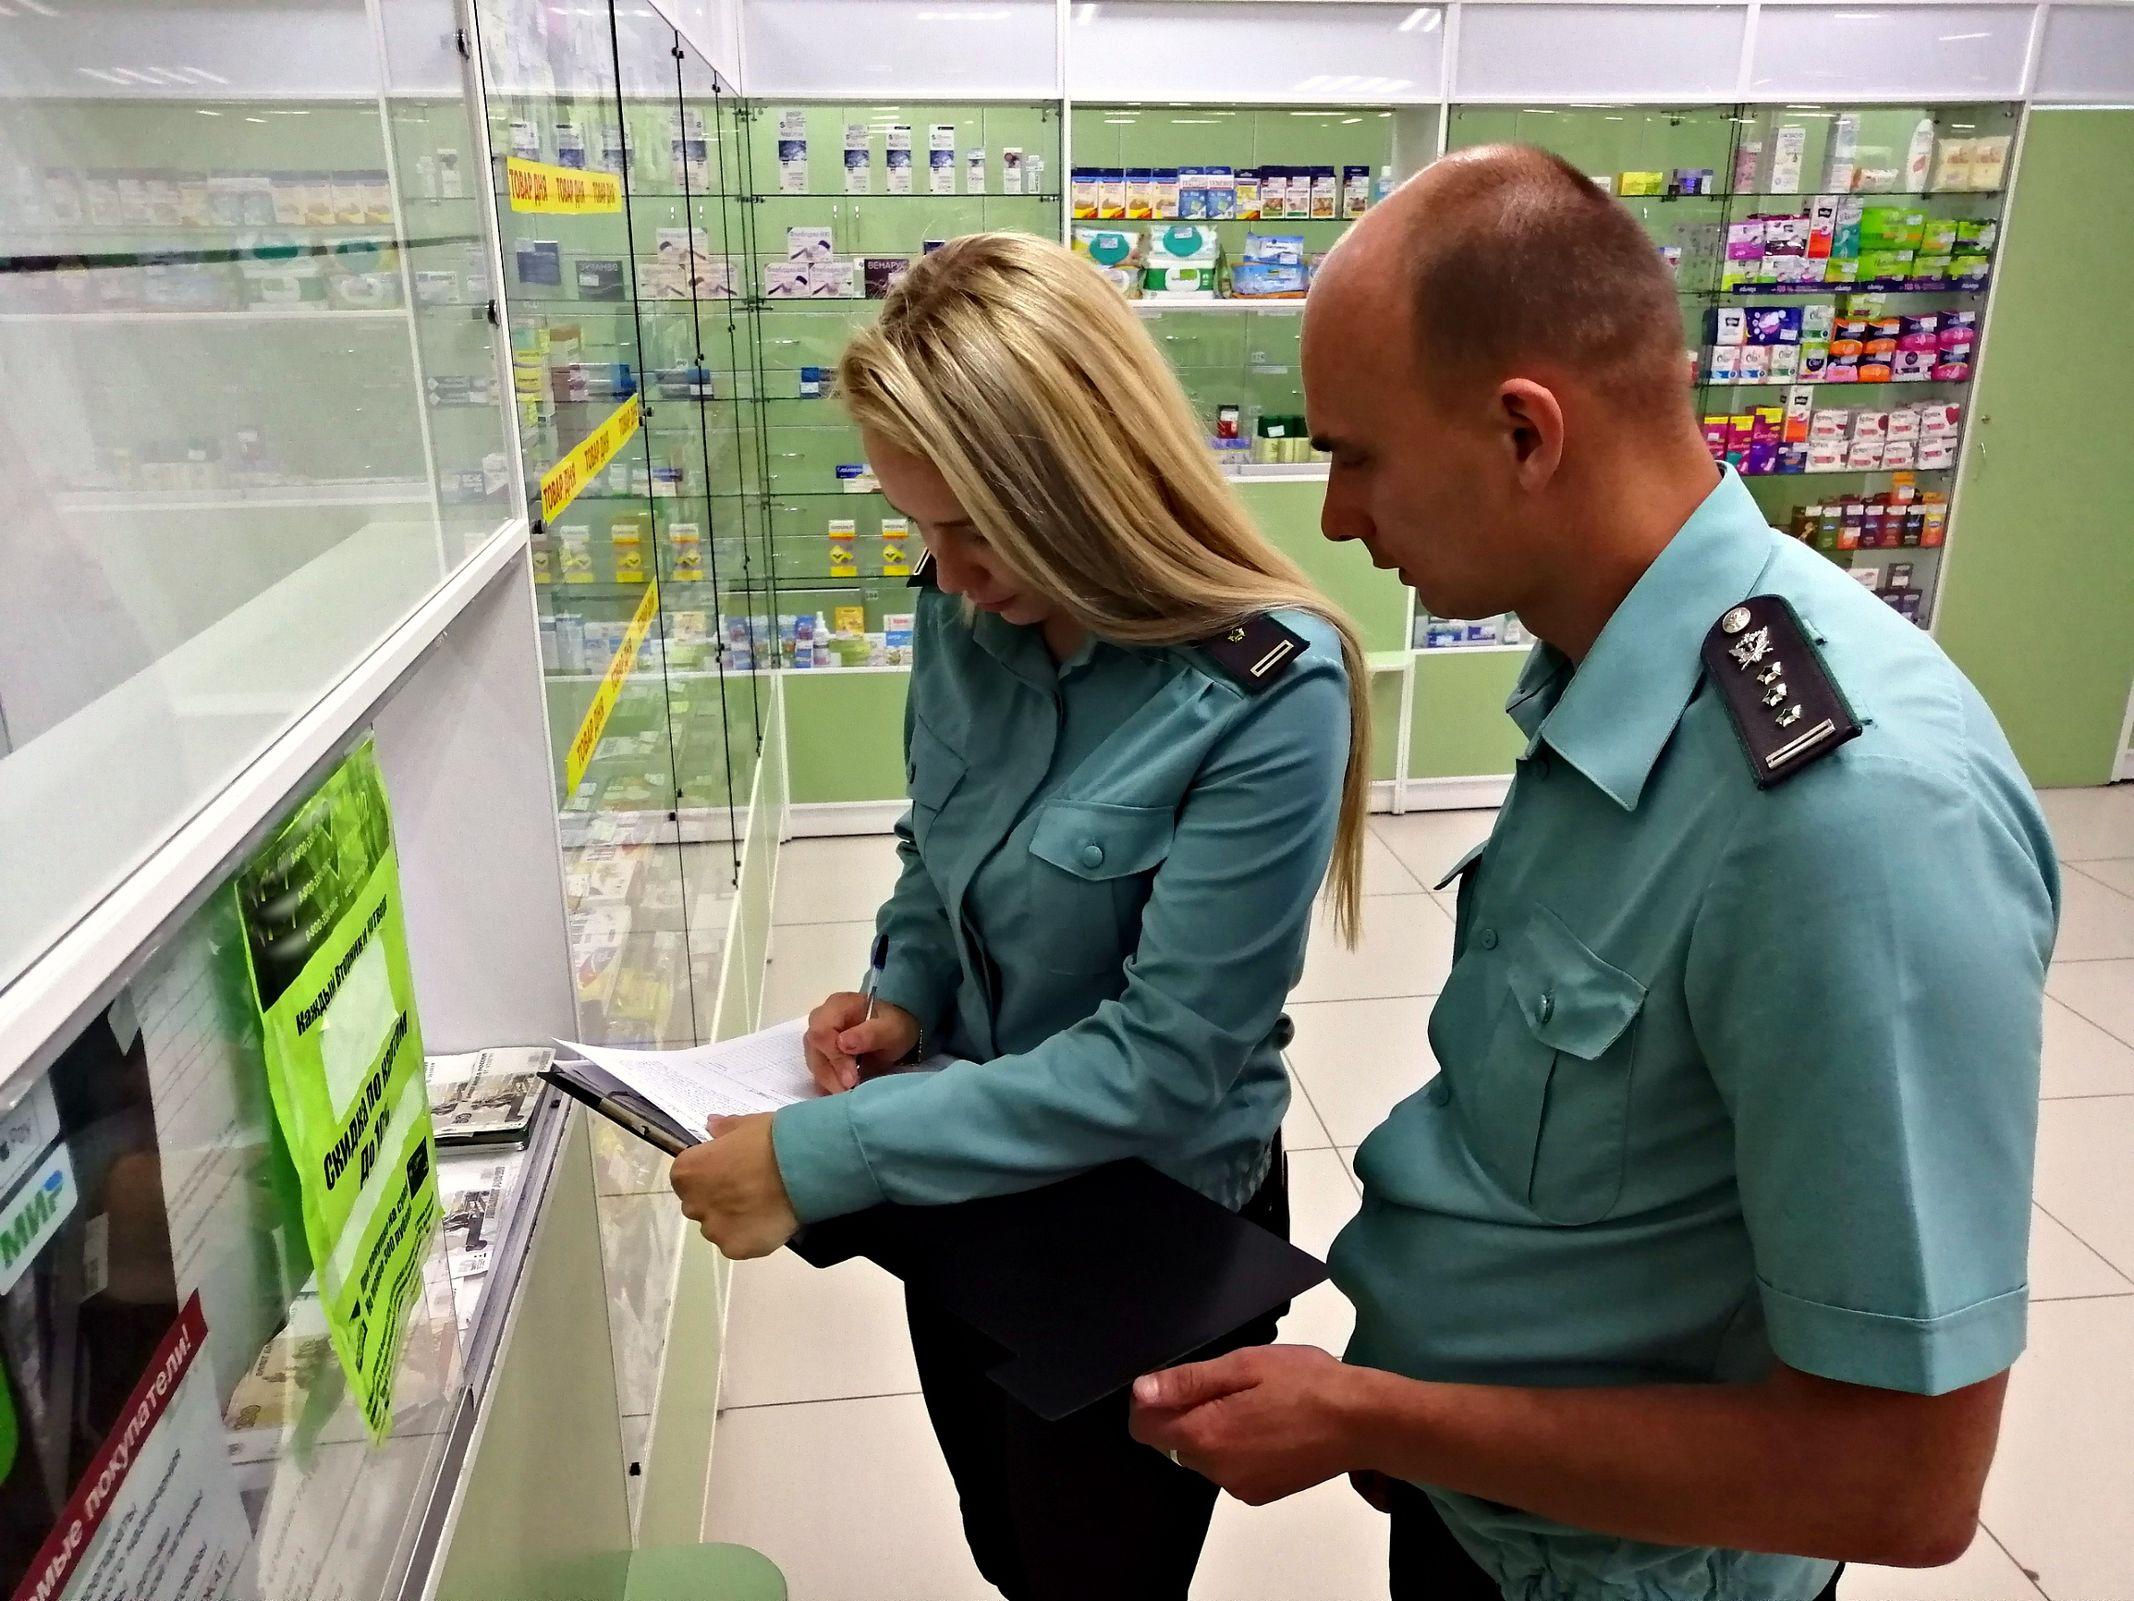 У ярославской аптеки арестовали лекарства за долг в два миллиона